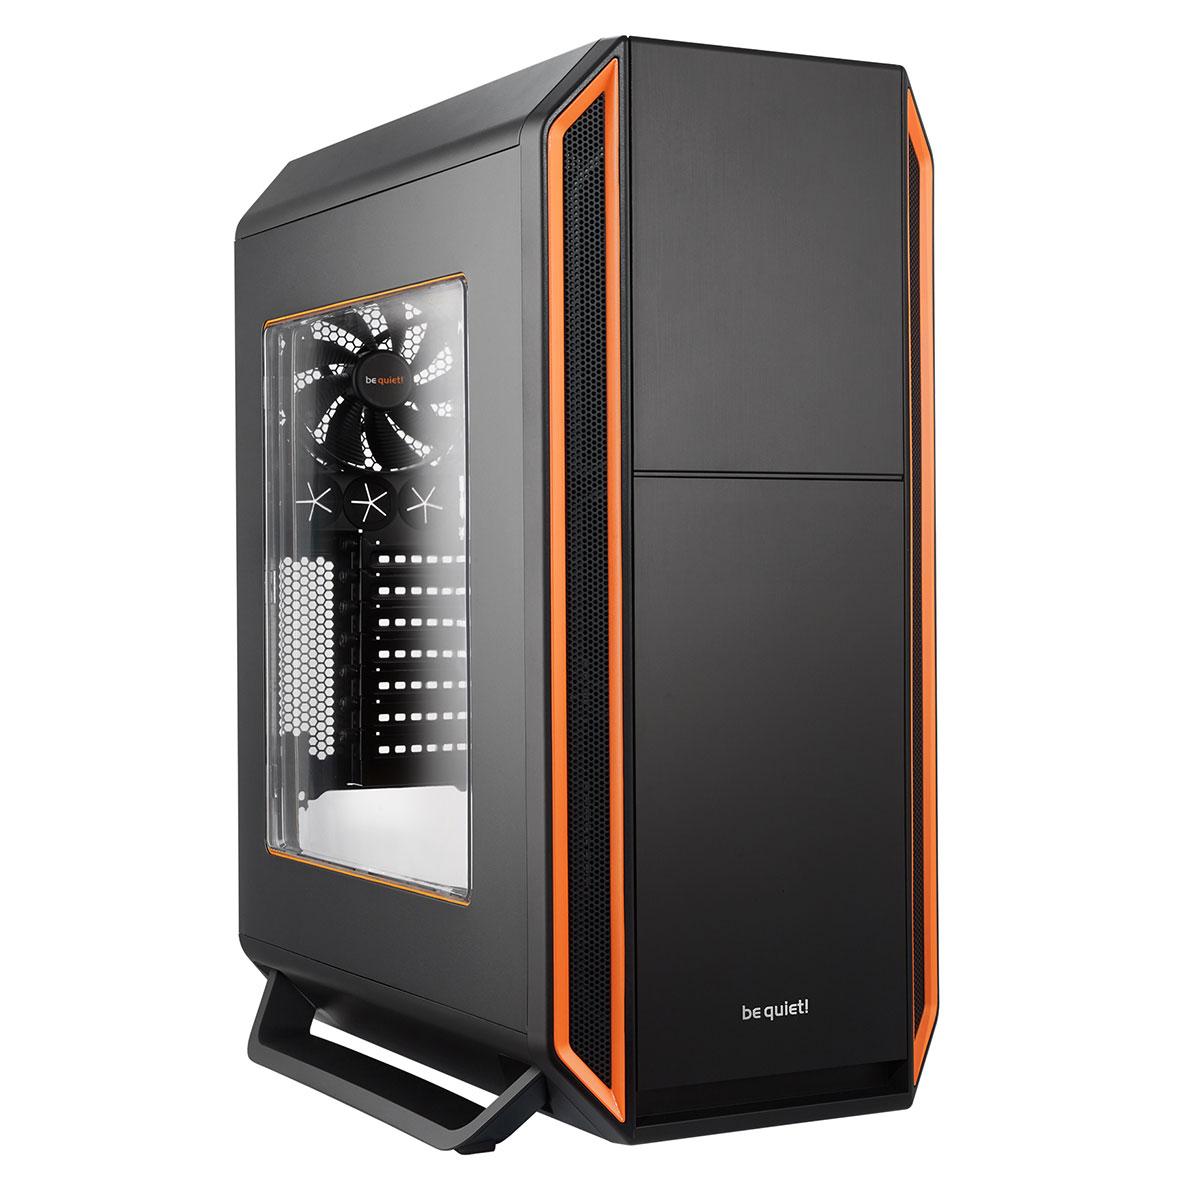 Boîtier PC be quiet! Silent Base 800 Window (Noir/Orange) Boîtier grand tour avec fenêtre